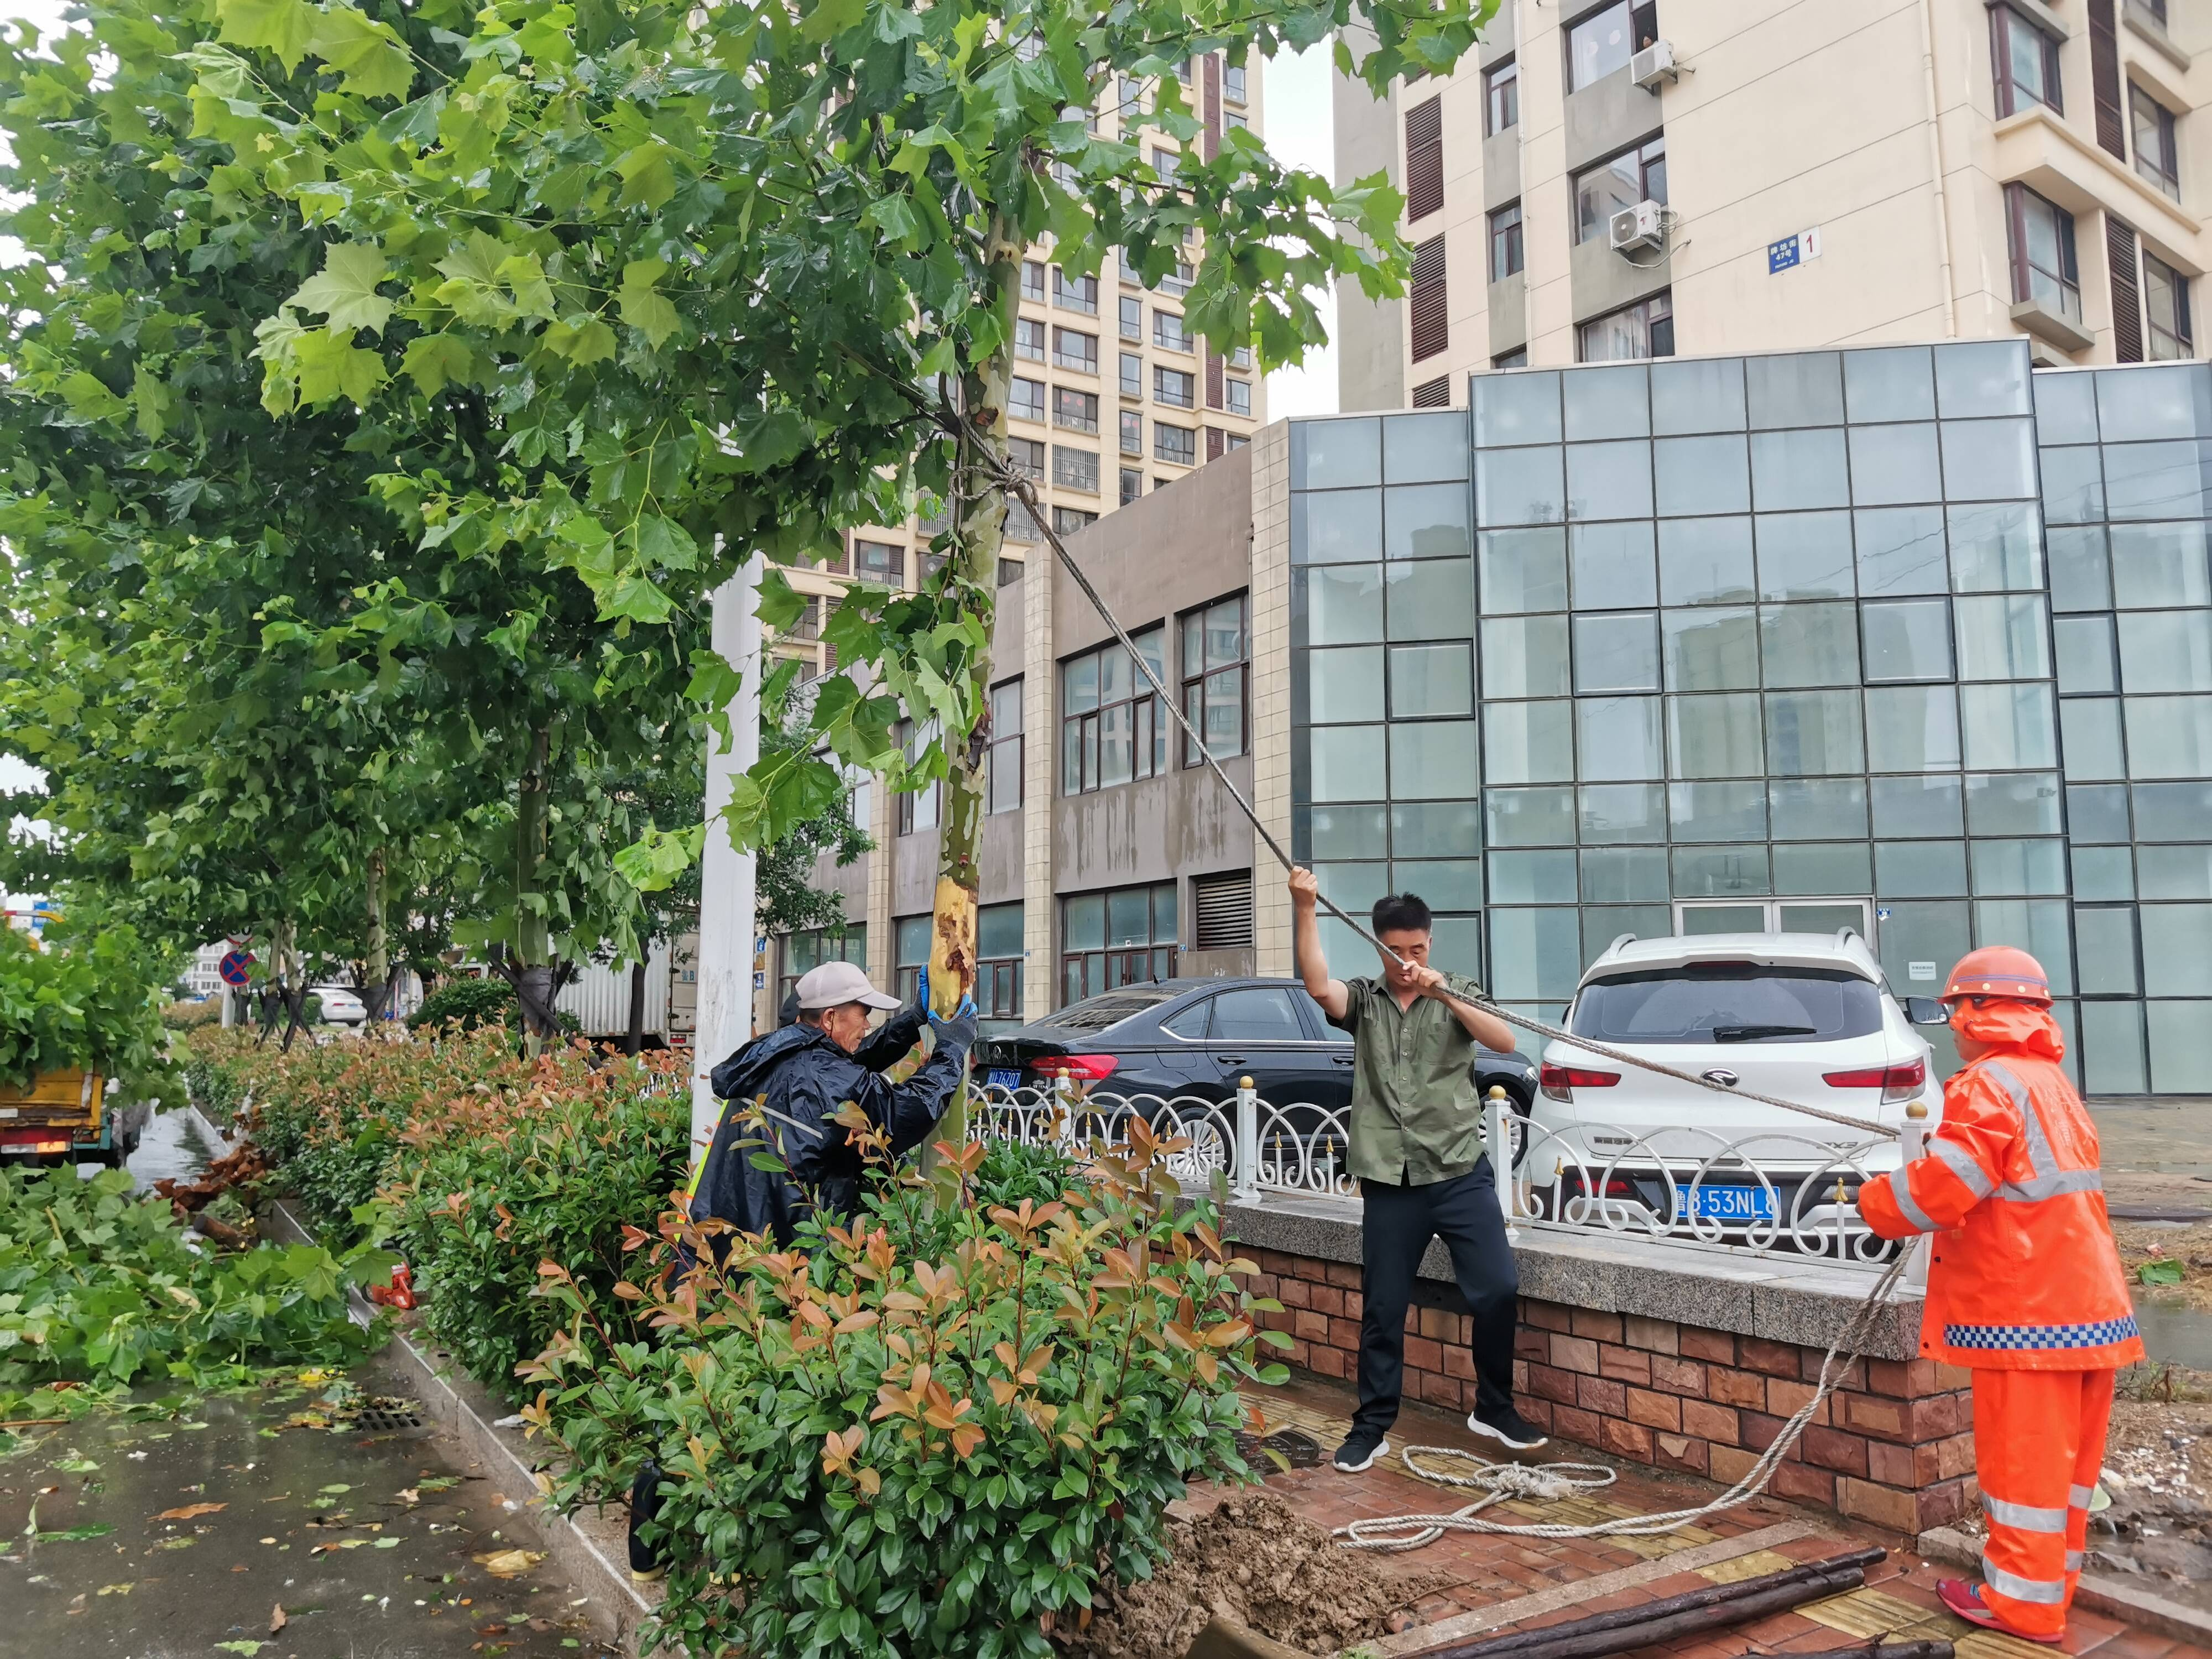 7月29日,新区部分路段出现树木倒伏,西海岸公用事业集团市政管理有限公司迅速组织人员清除倒伏树木并加固支撑倾斜树木。截至29日14时,西海岸公用事业集团处理倒伏、断枝树木94处。记者 张静 报道